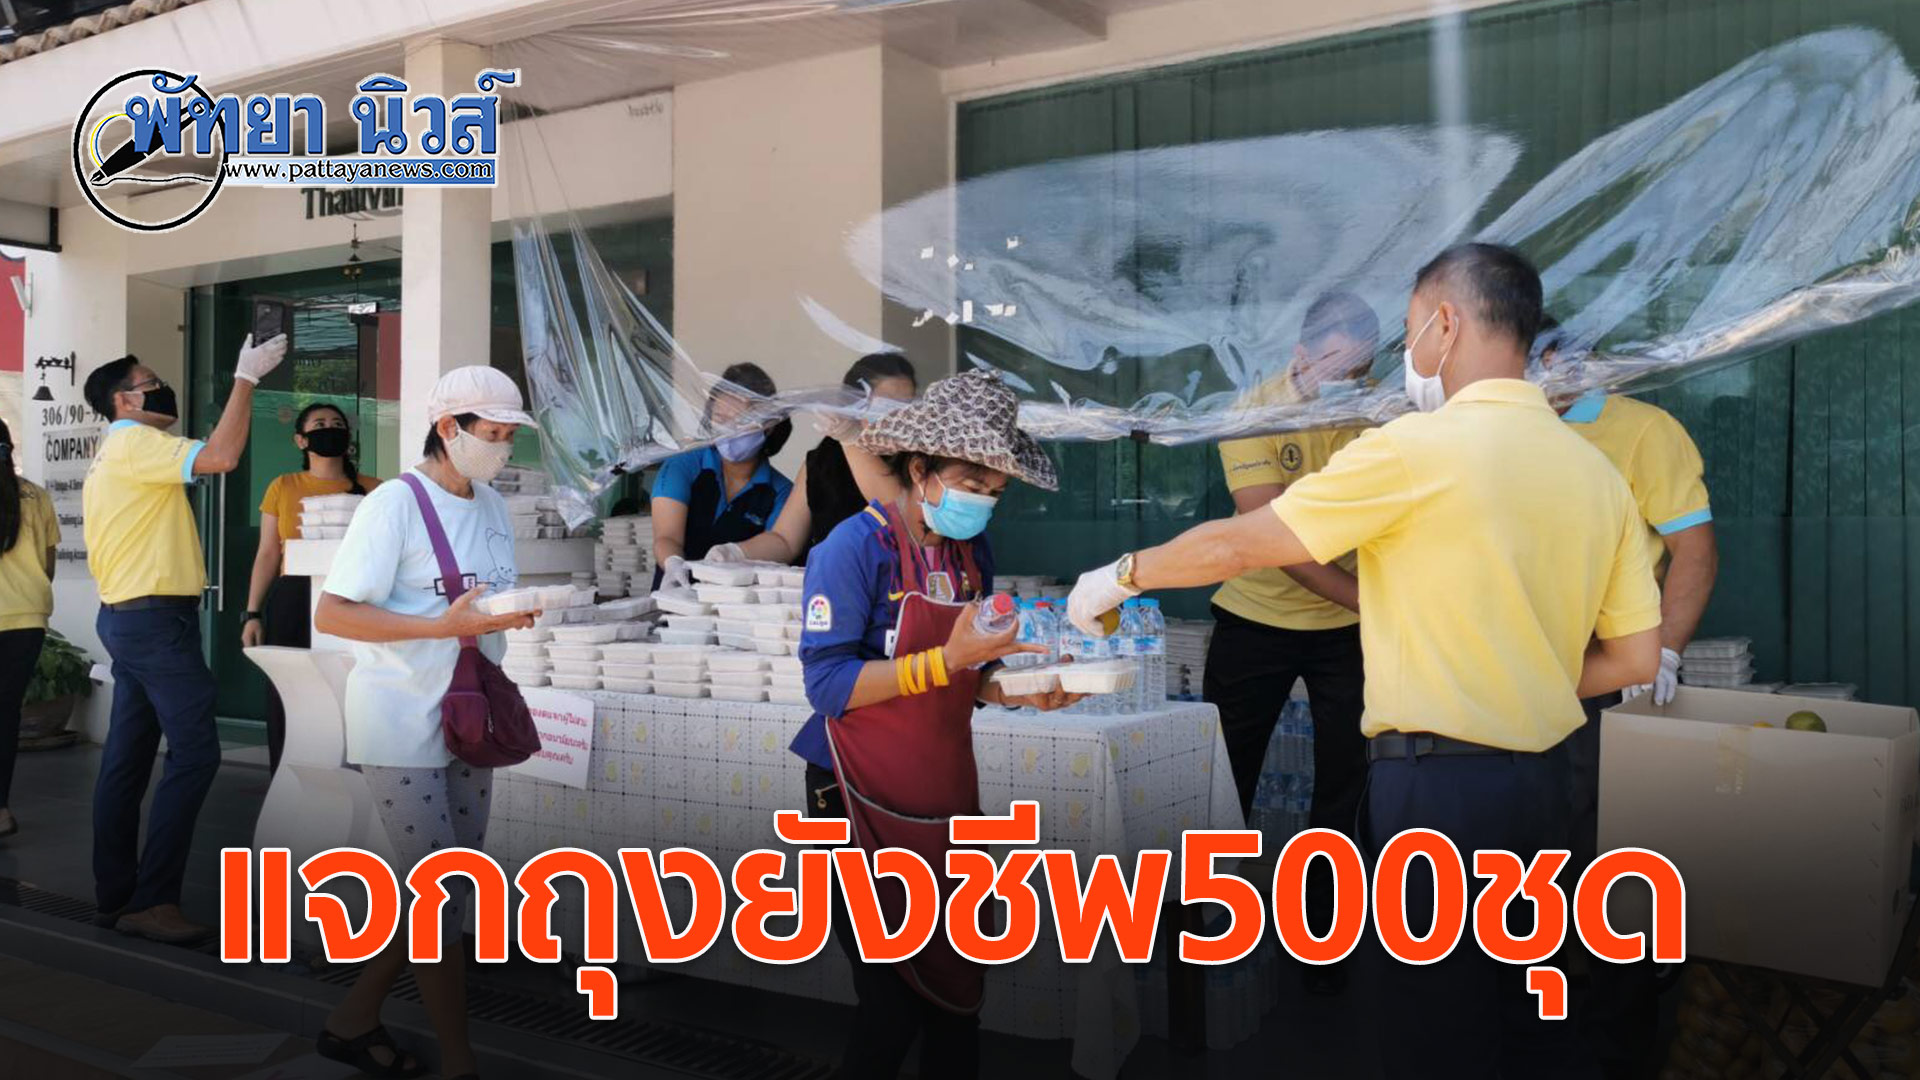 """""""ไทฟลิฟวิงลอว์"""" จัดถุงยังชีพ อาหารแห้ง แจกผู้ได้รับผลกระทบจากโควิด กว่า 500 ชุด"""